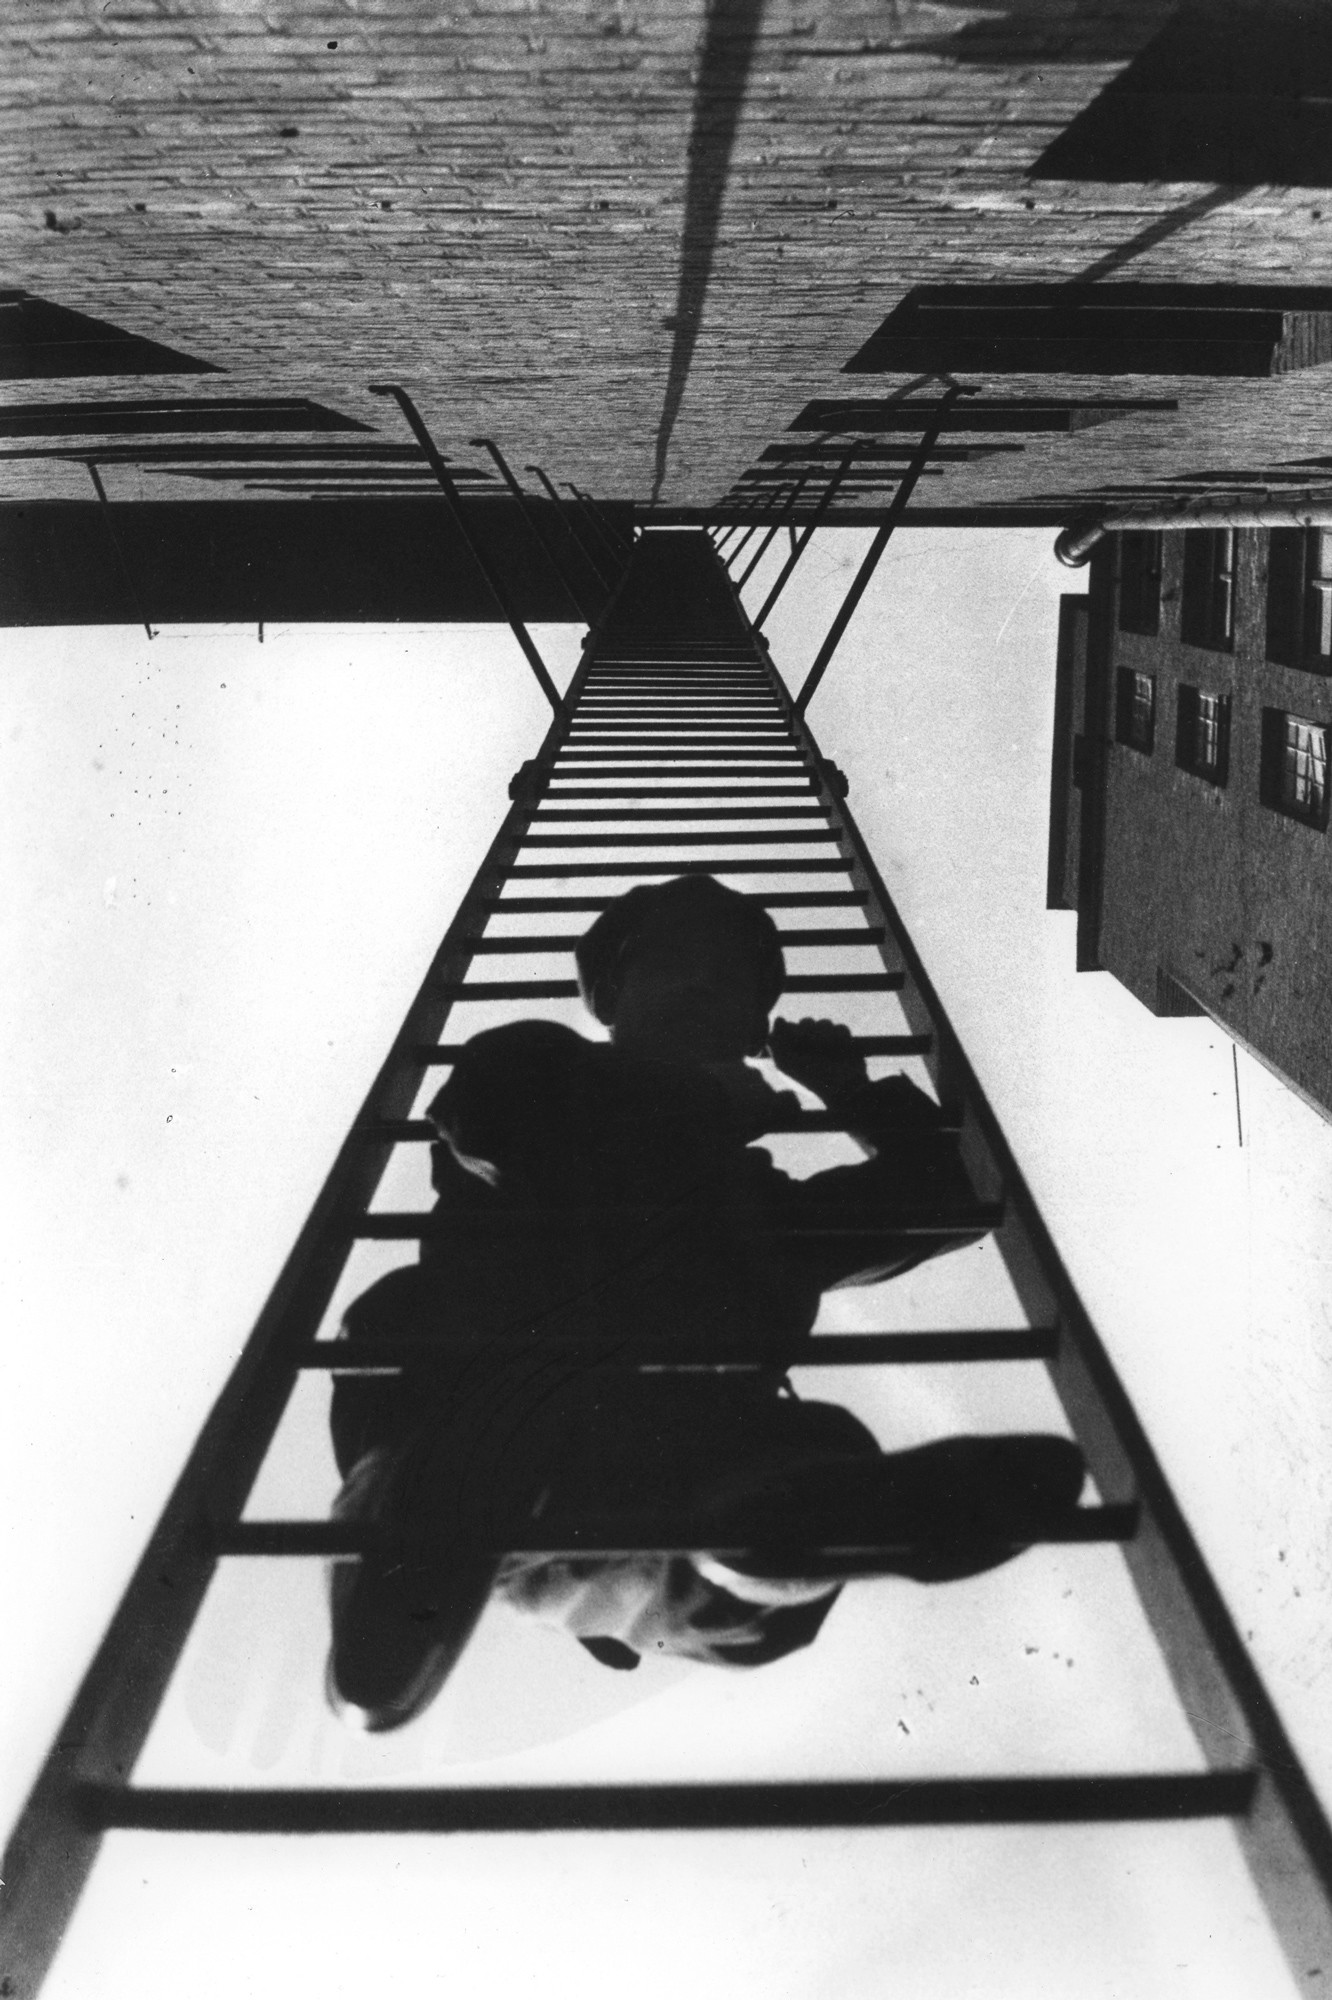 Escaliersde secours. De série Immeuble de la rue Miasnitskaïa, 1925